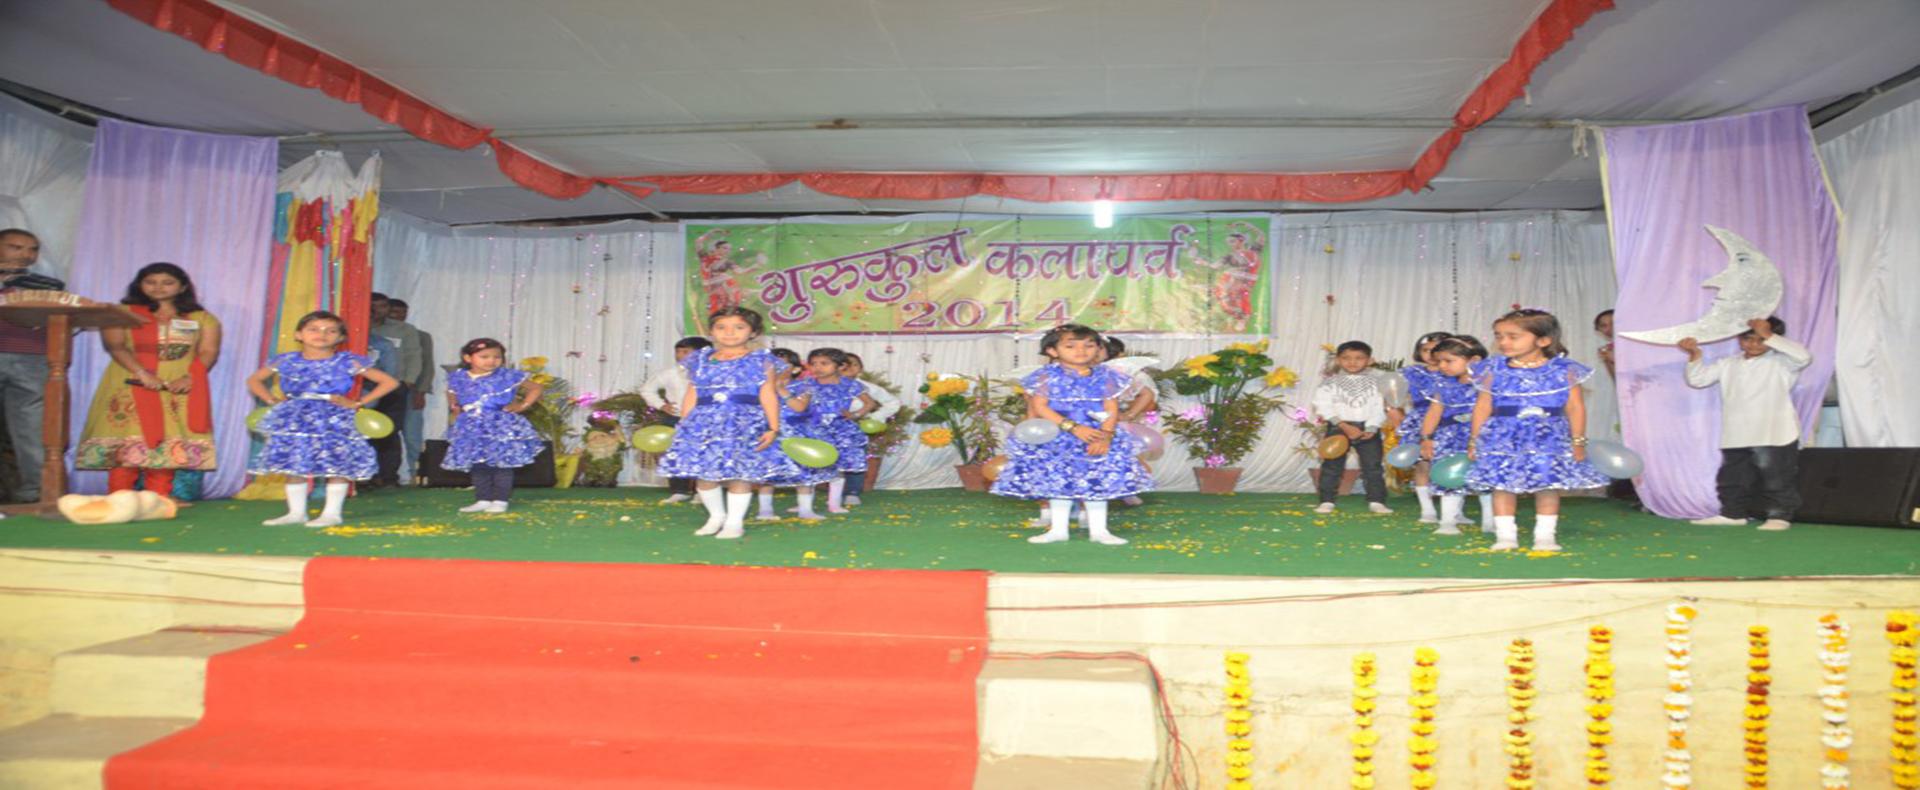 Gurukul Art Festival